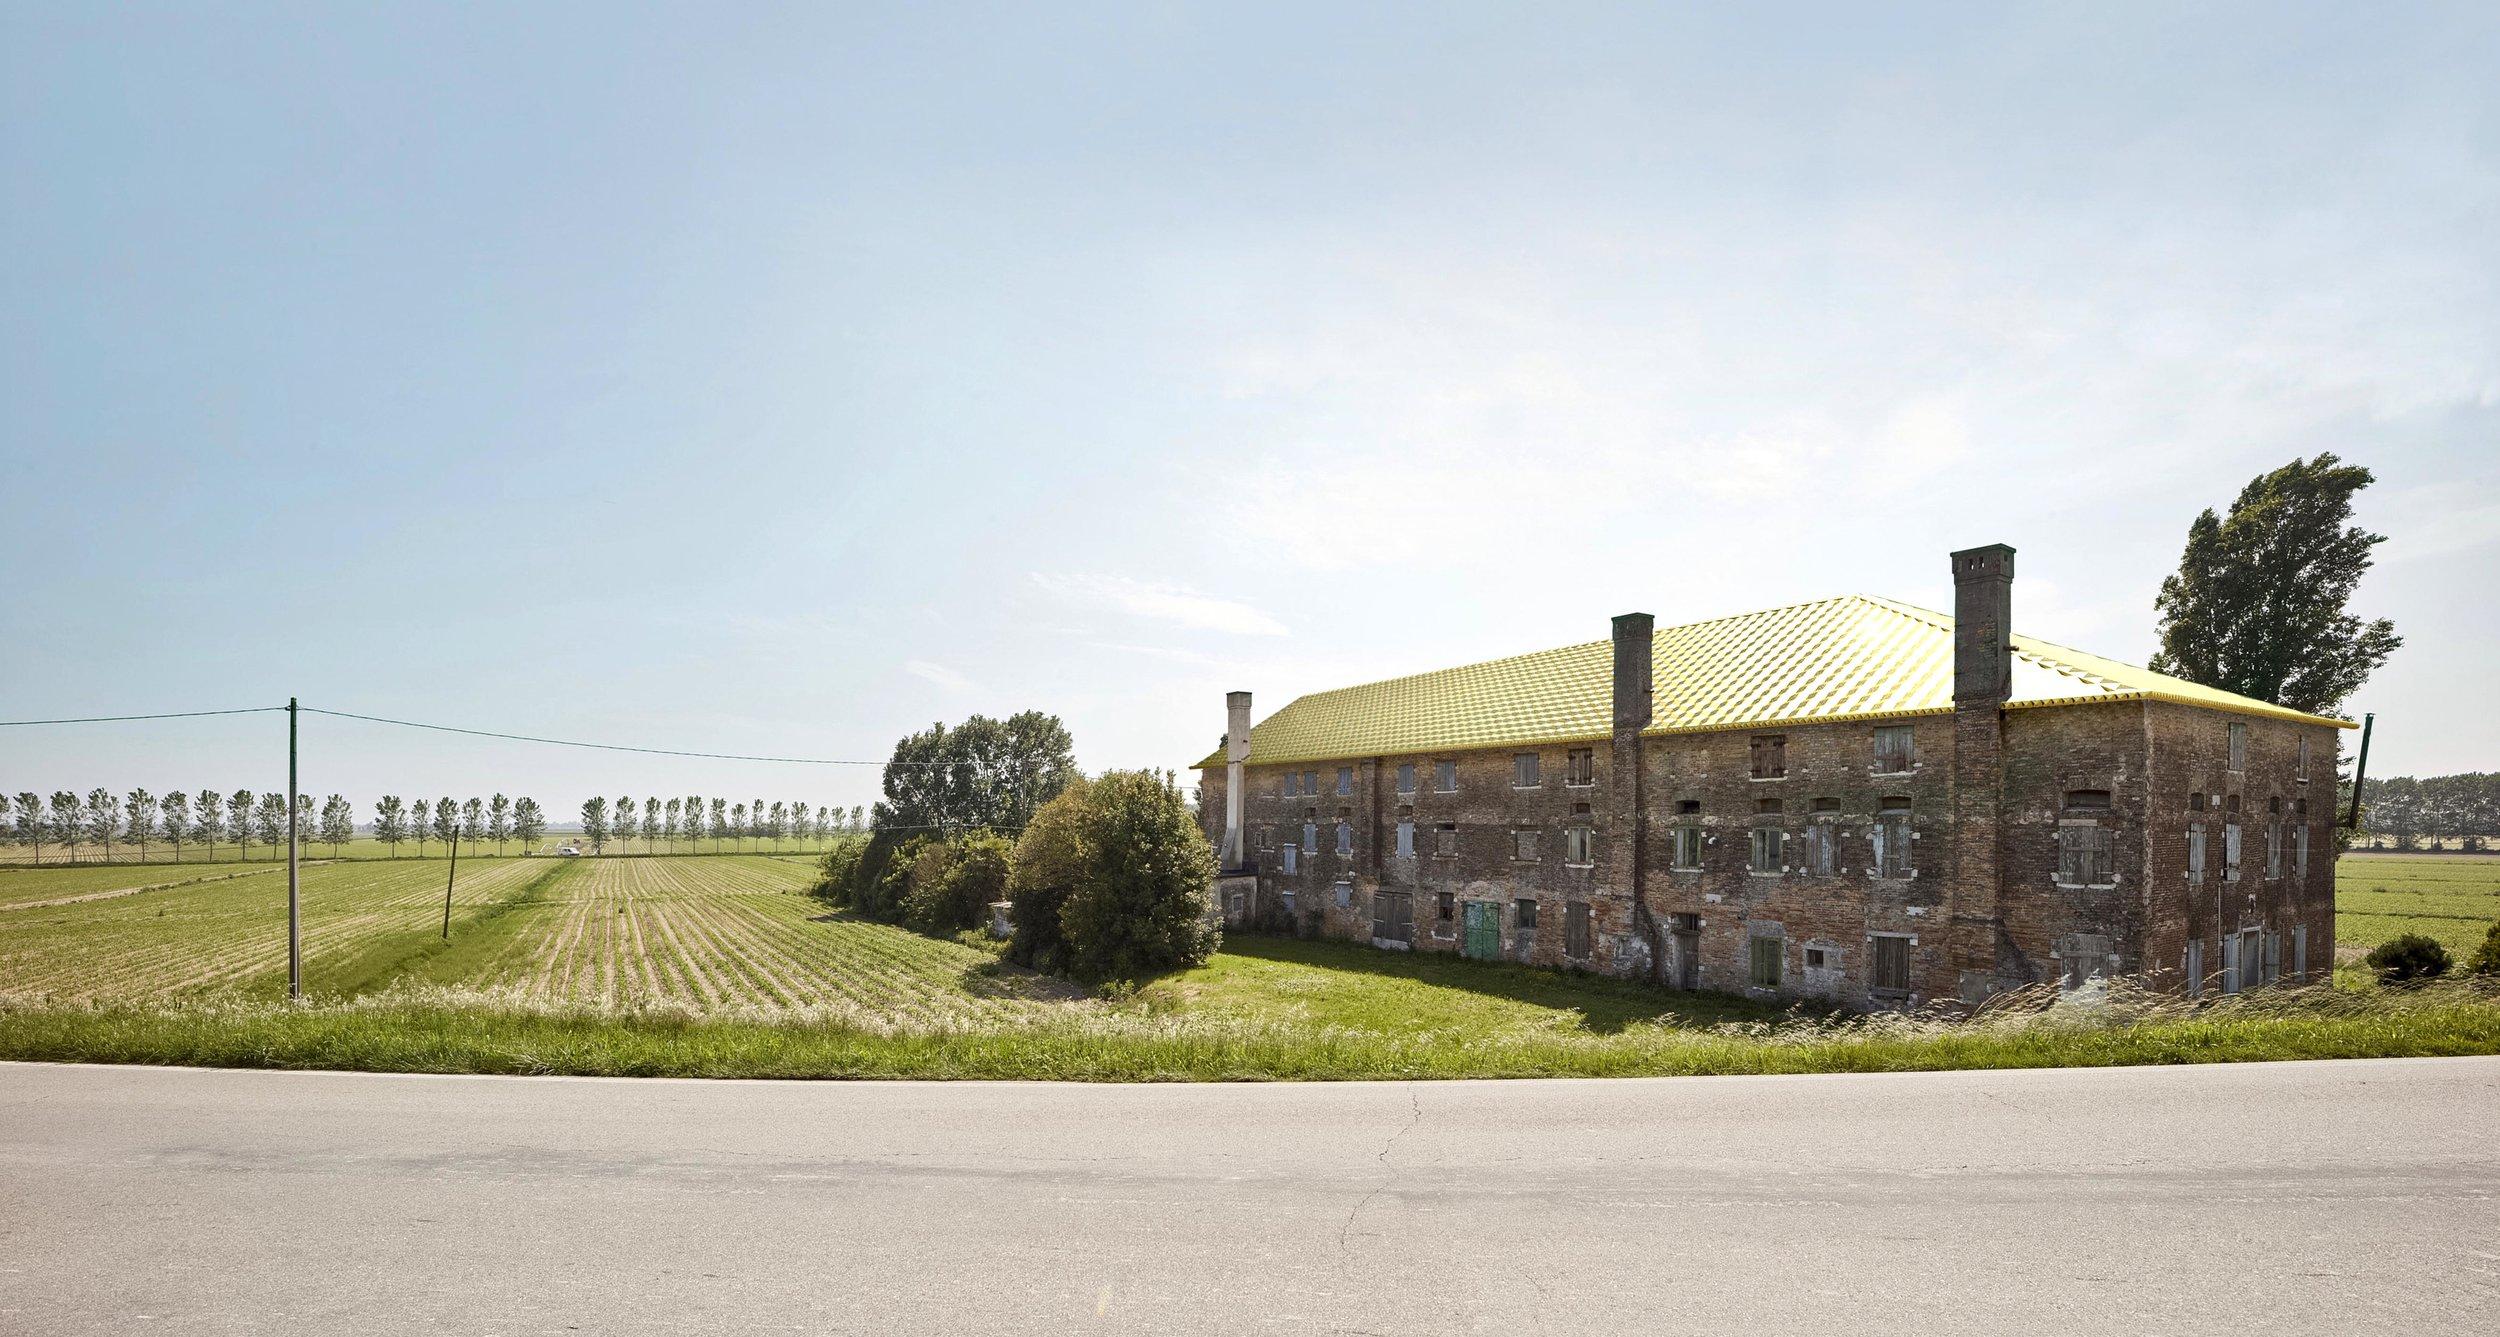 Alberto Garutti,  Il grande tetto dorato rende prezioso questo antico casale. Quest'opera è dedicata alla sua storia e a coloro che passando di qui immagineranno le sue stanze vuote riempirsi nuovamente di vita. , 2017.